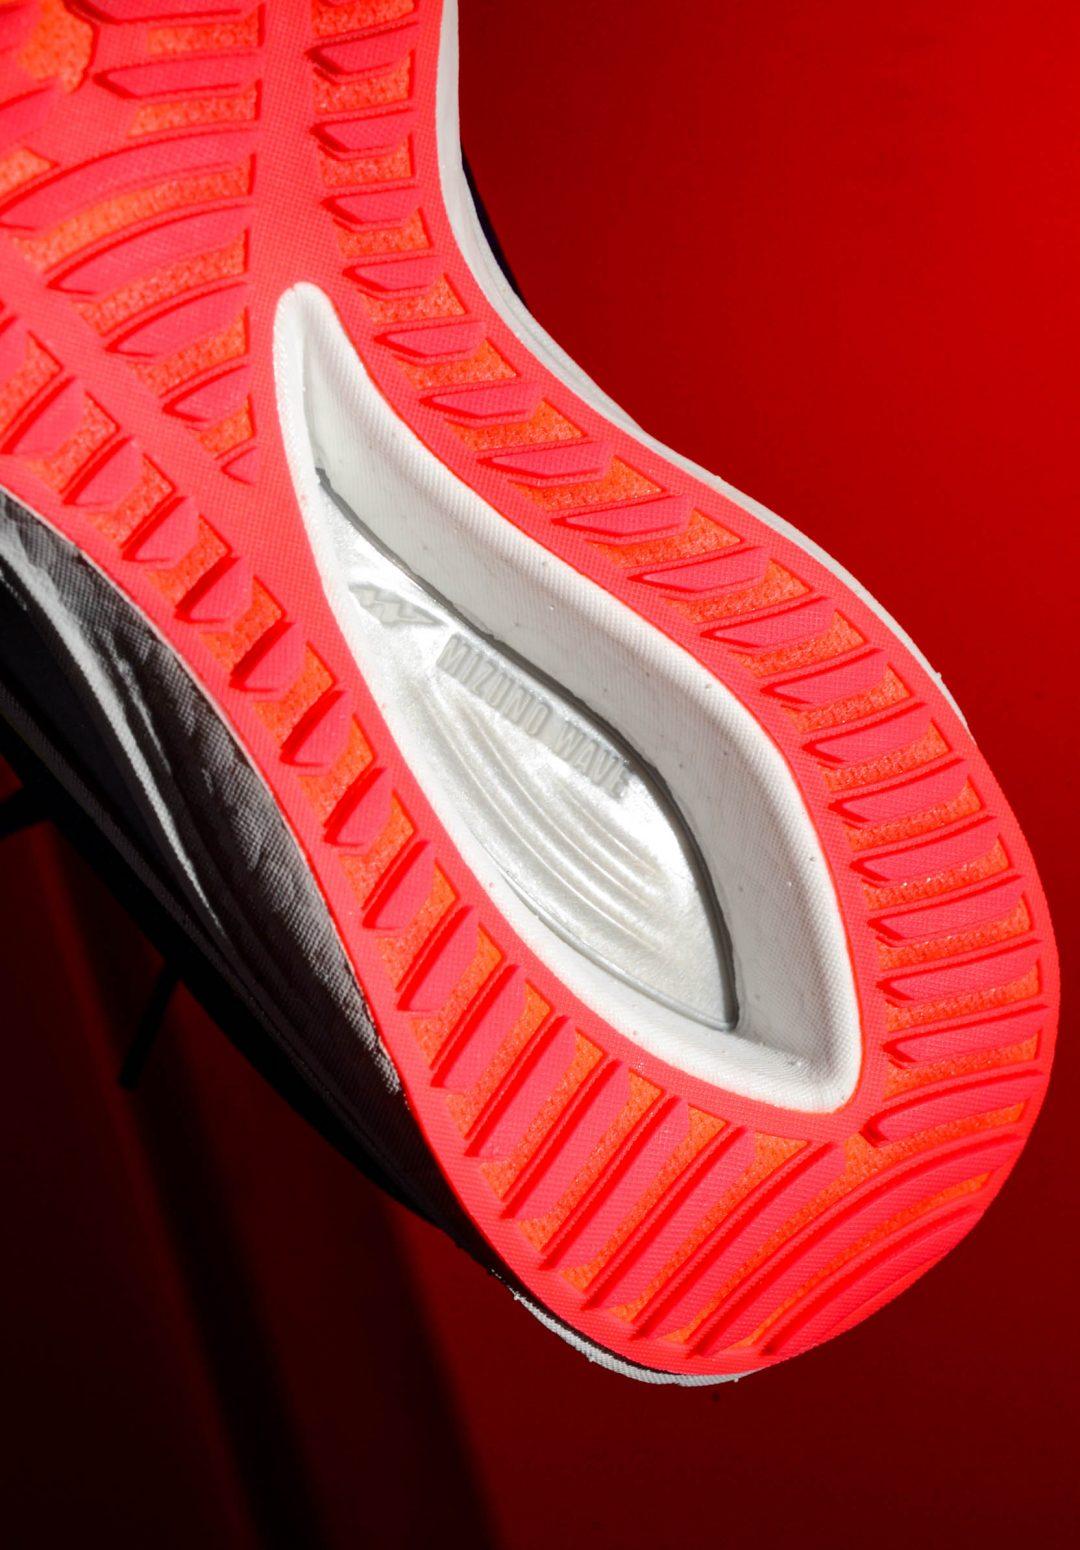 mizuno-wave-rebellion-running-shoes-compare-0226-2